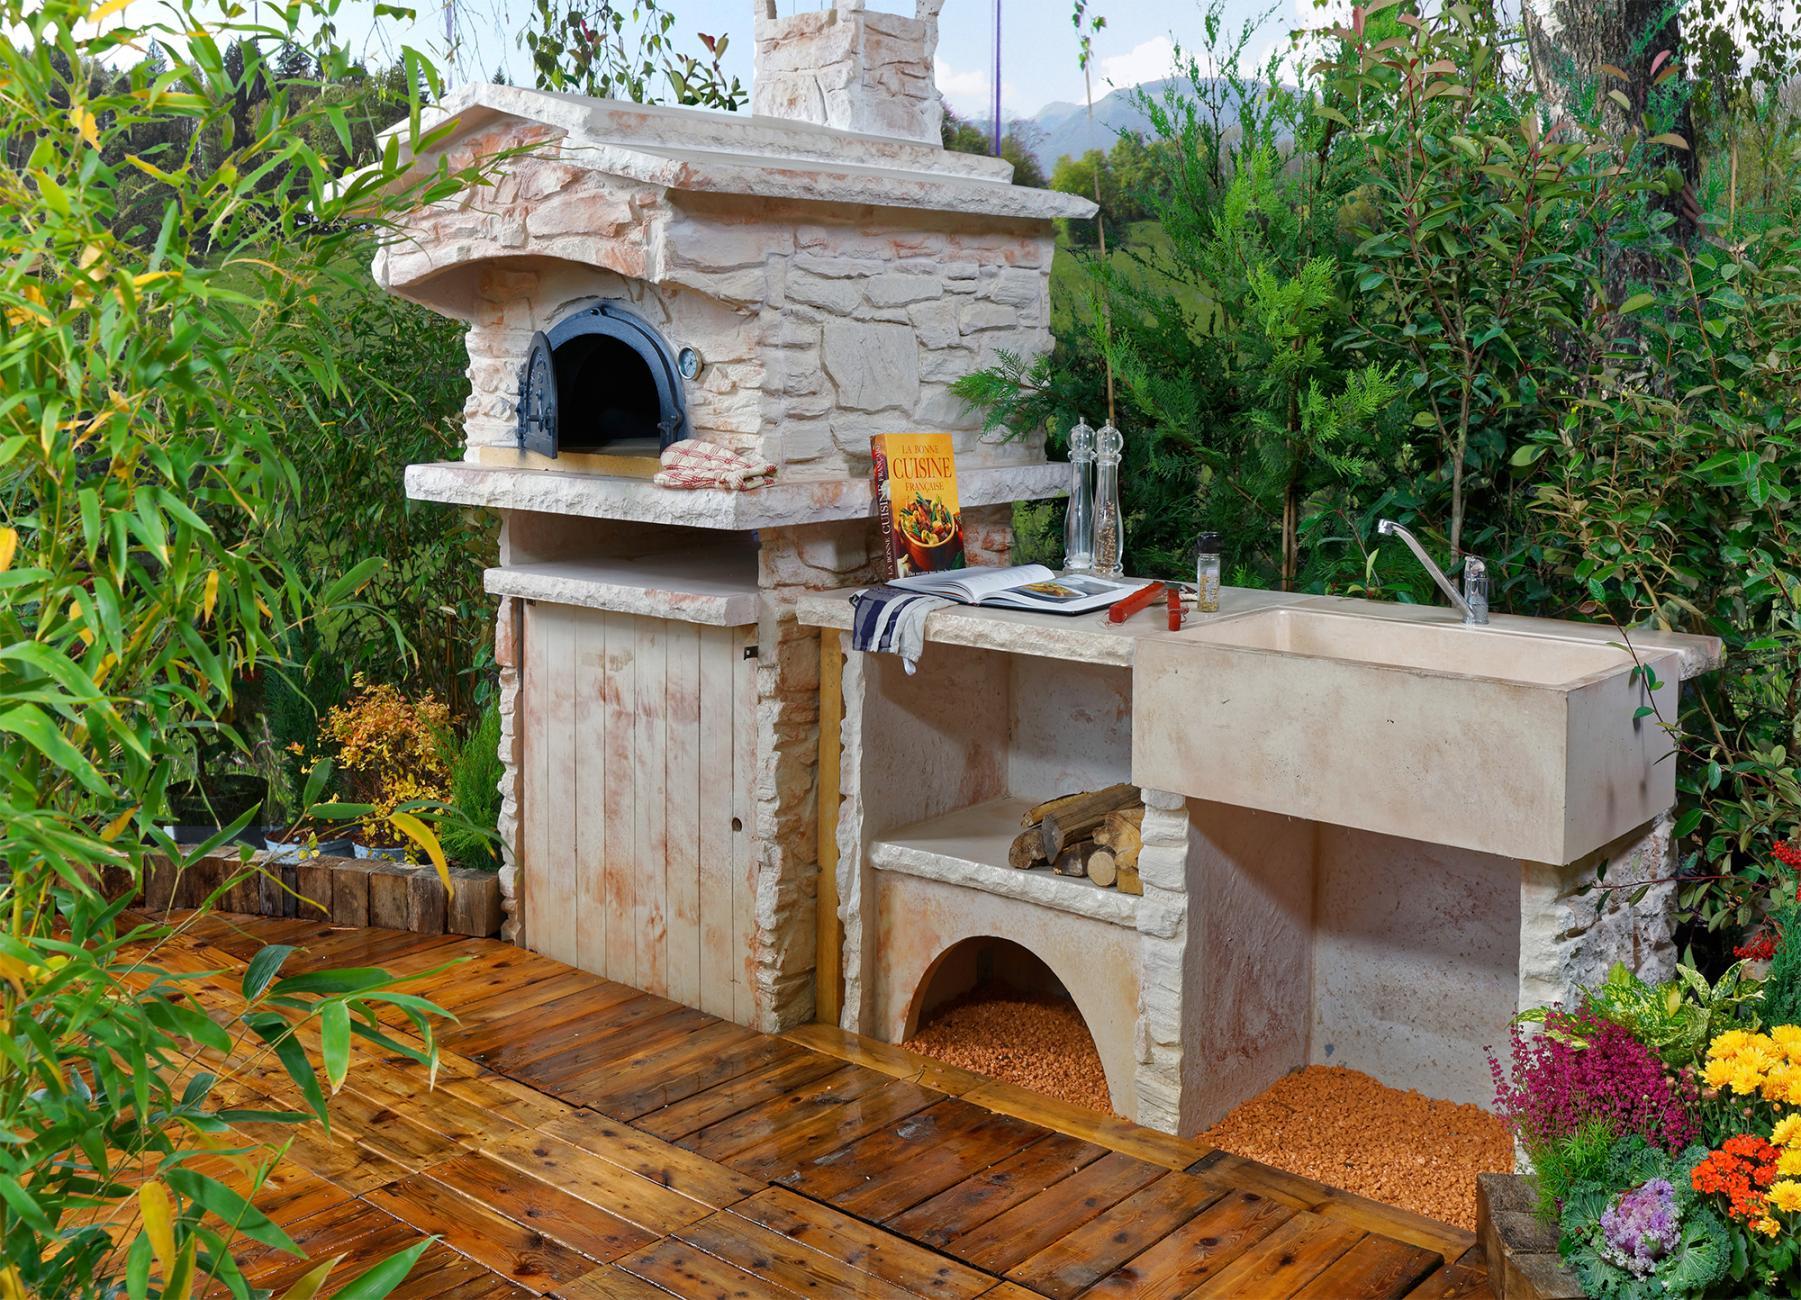 Evier Pour Cuisine D Été cuisine d'été extérieure en pierre avec four à pain, évier